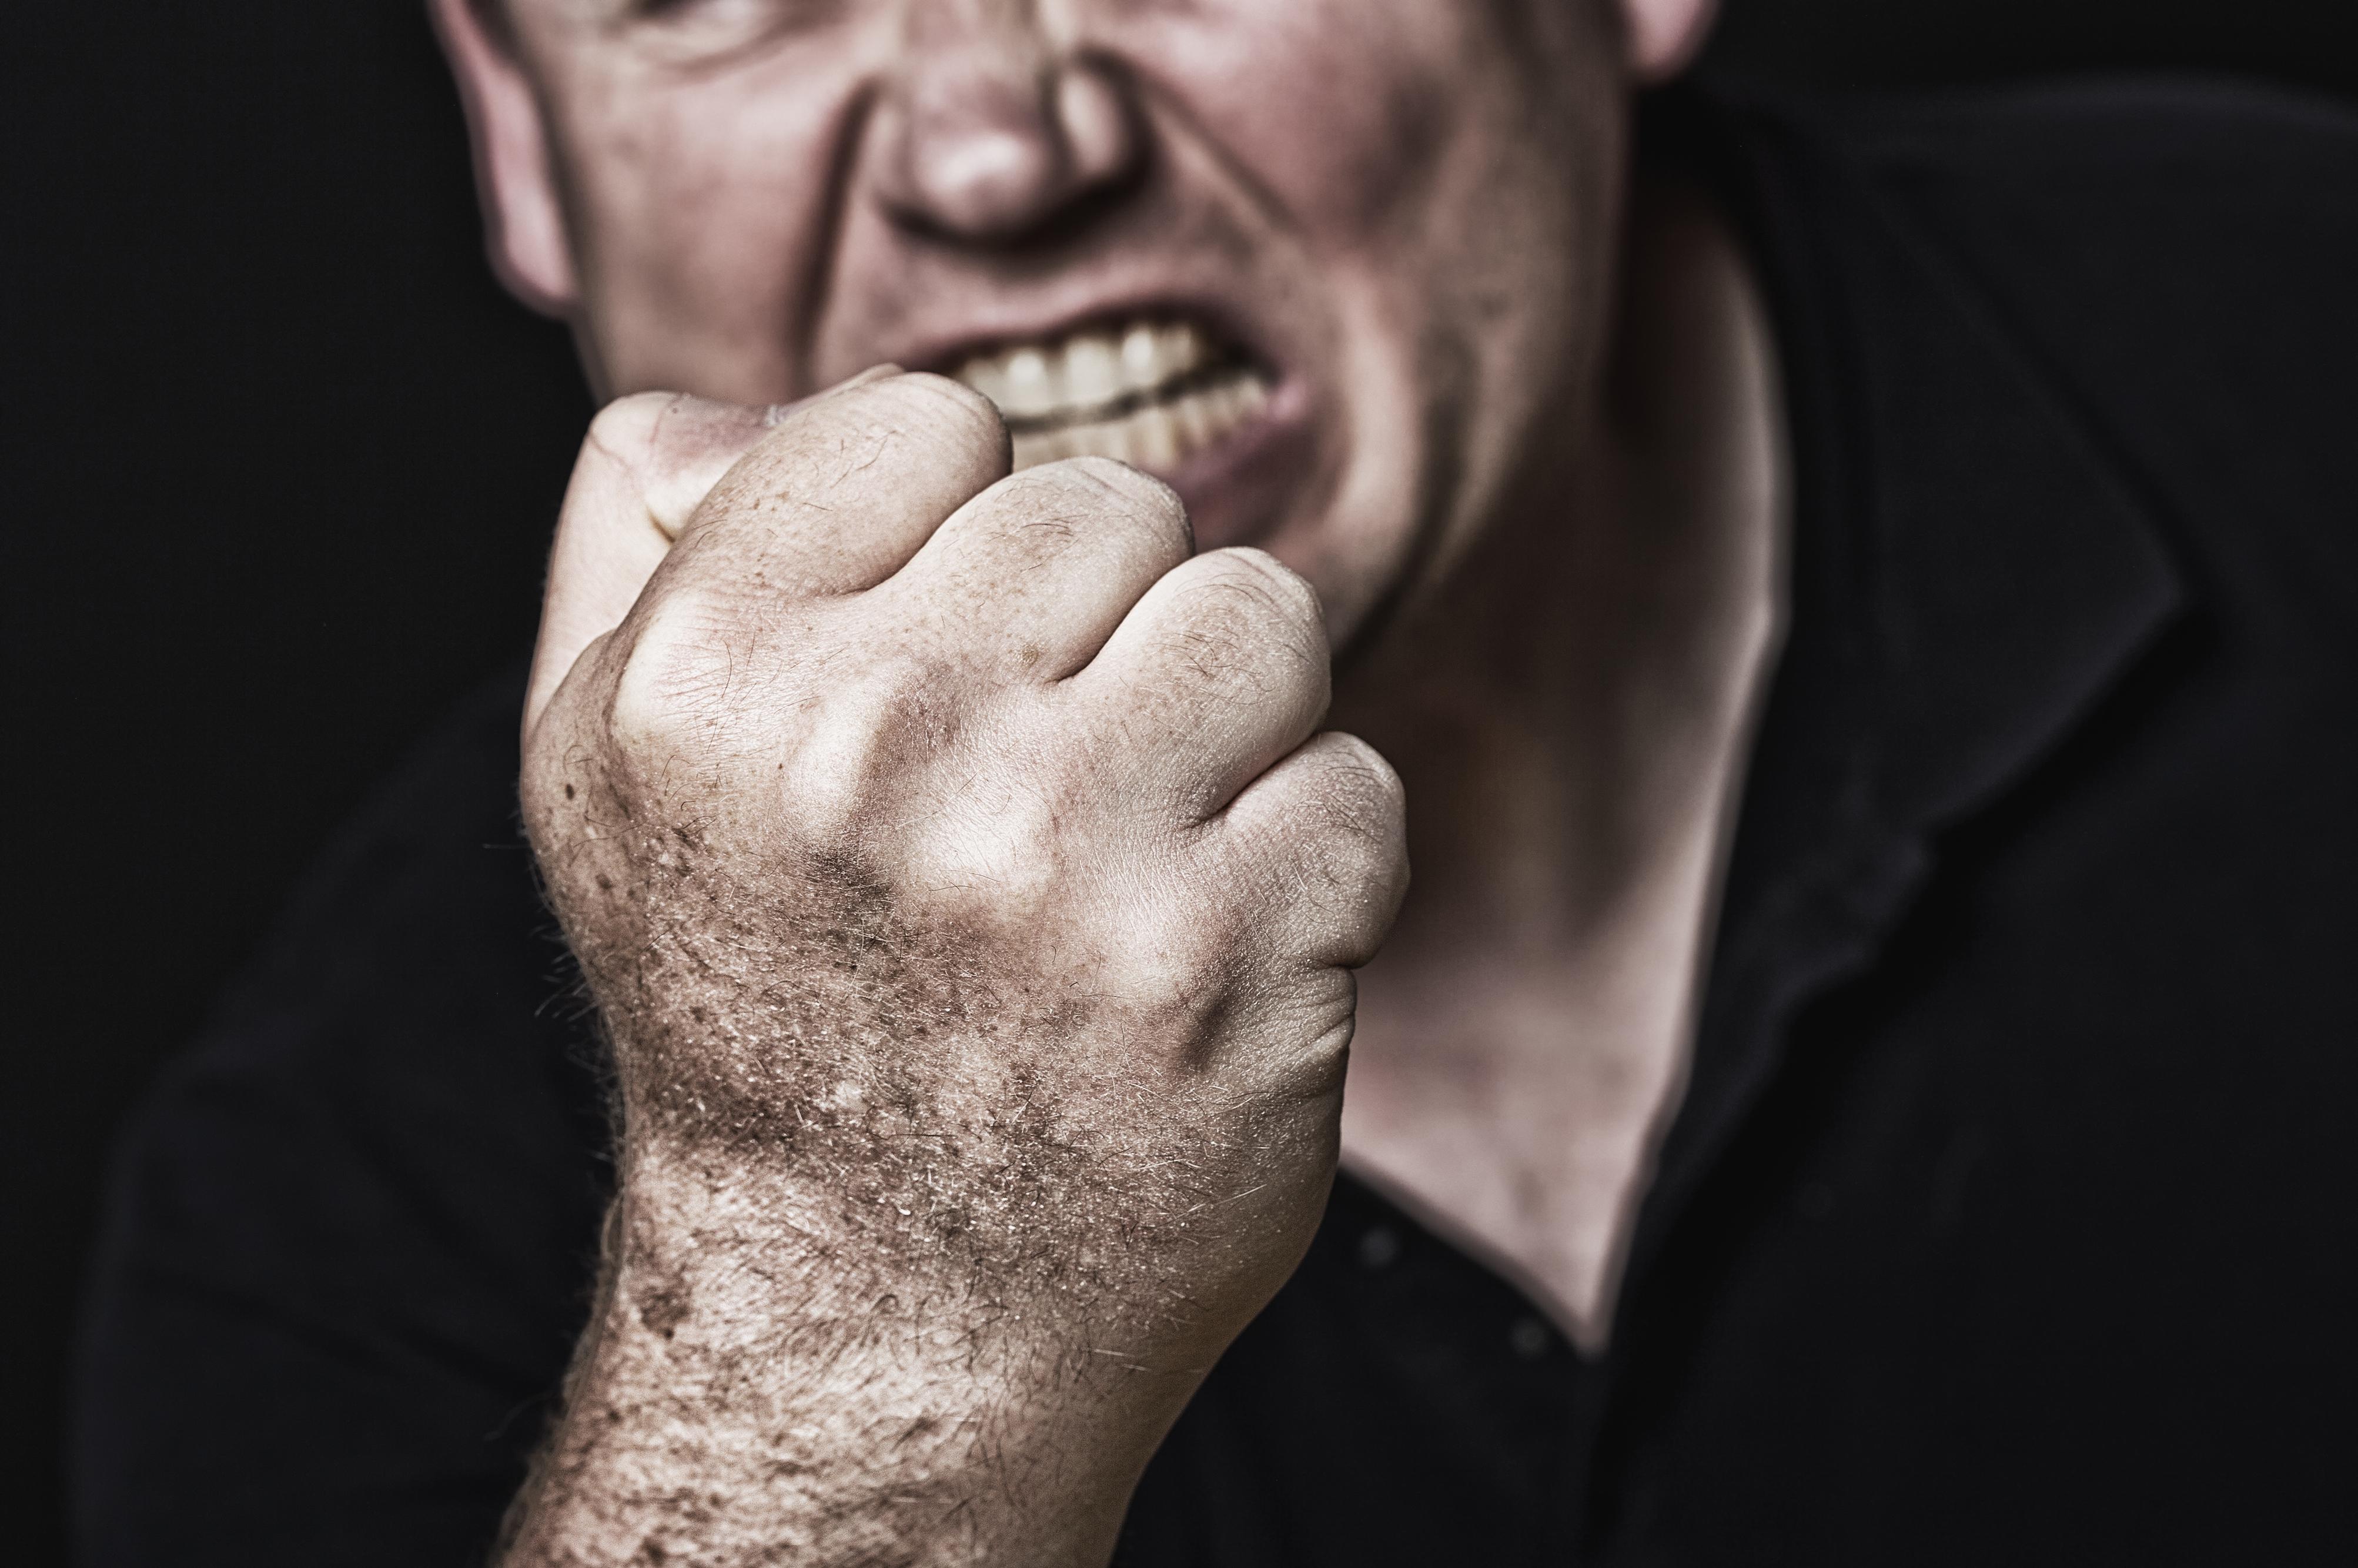 Comprendre les ressorts de l'agressivité pour y faire face